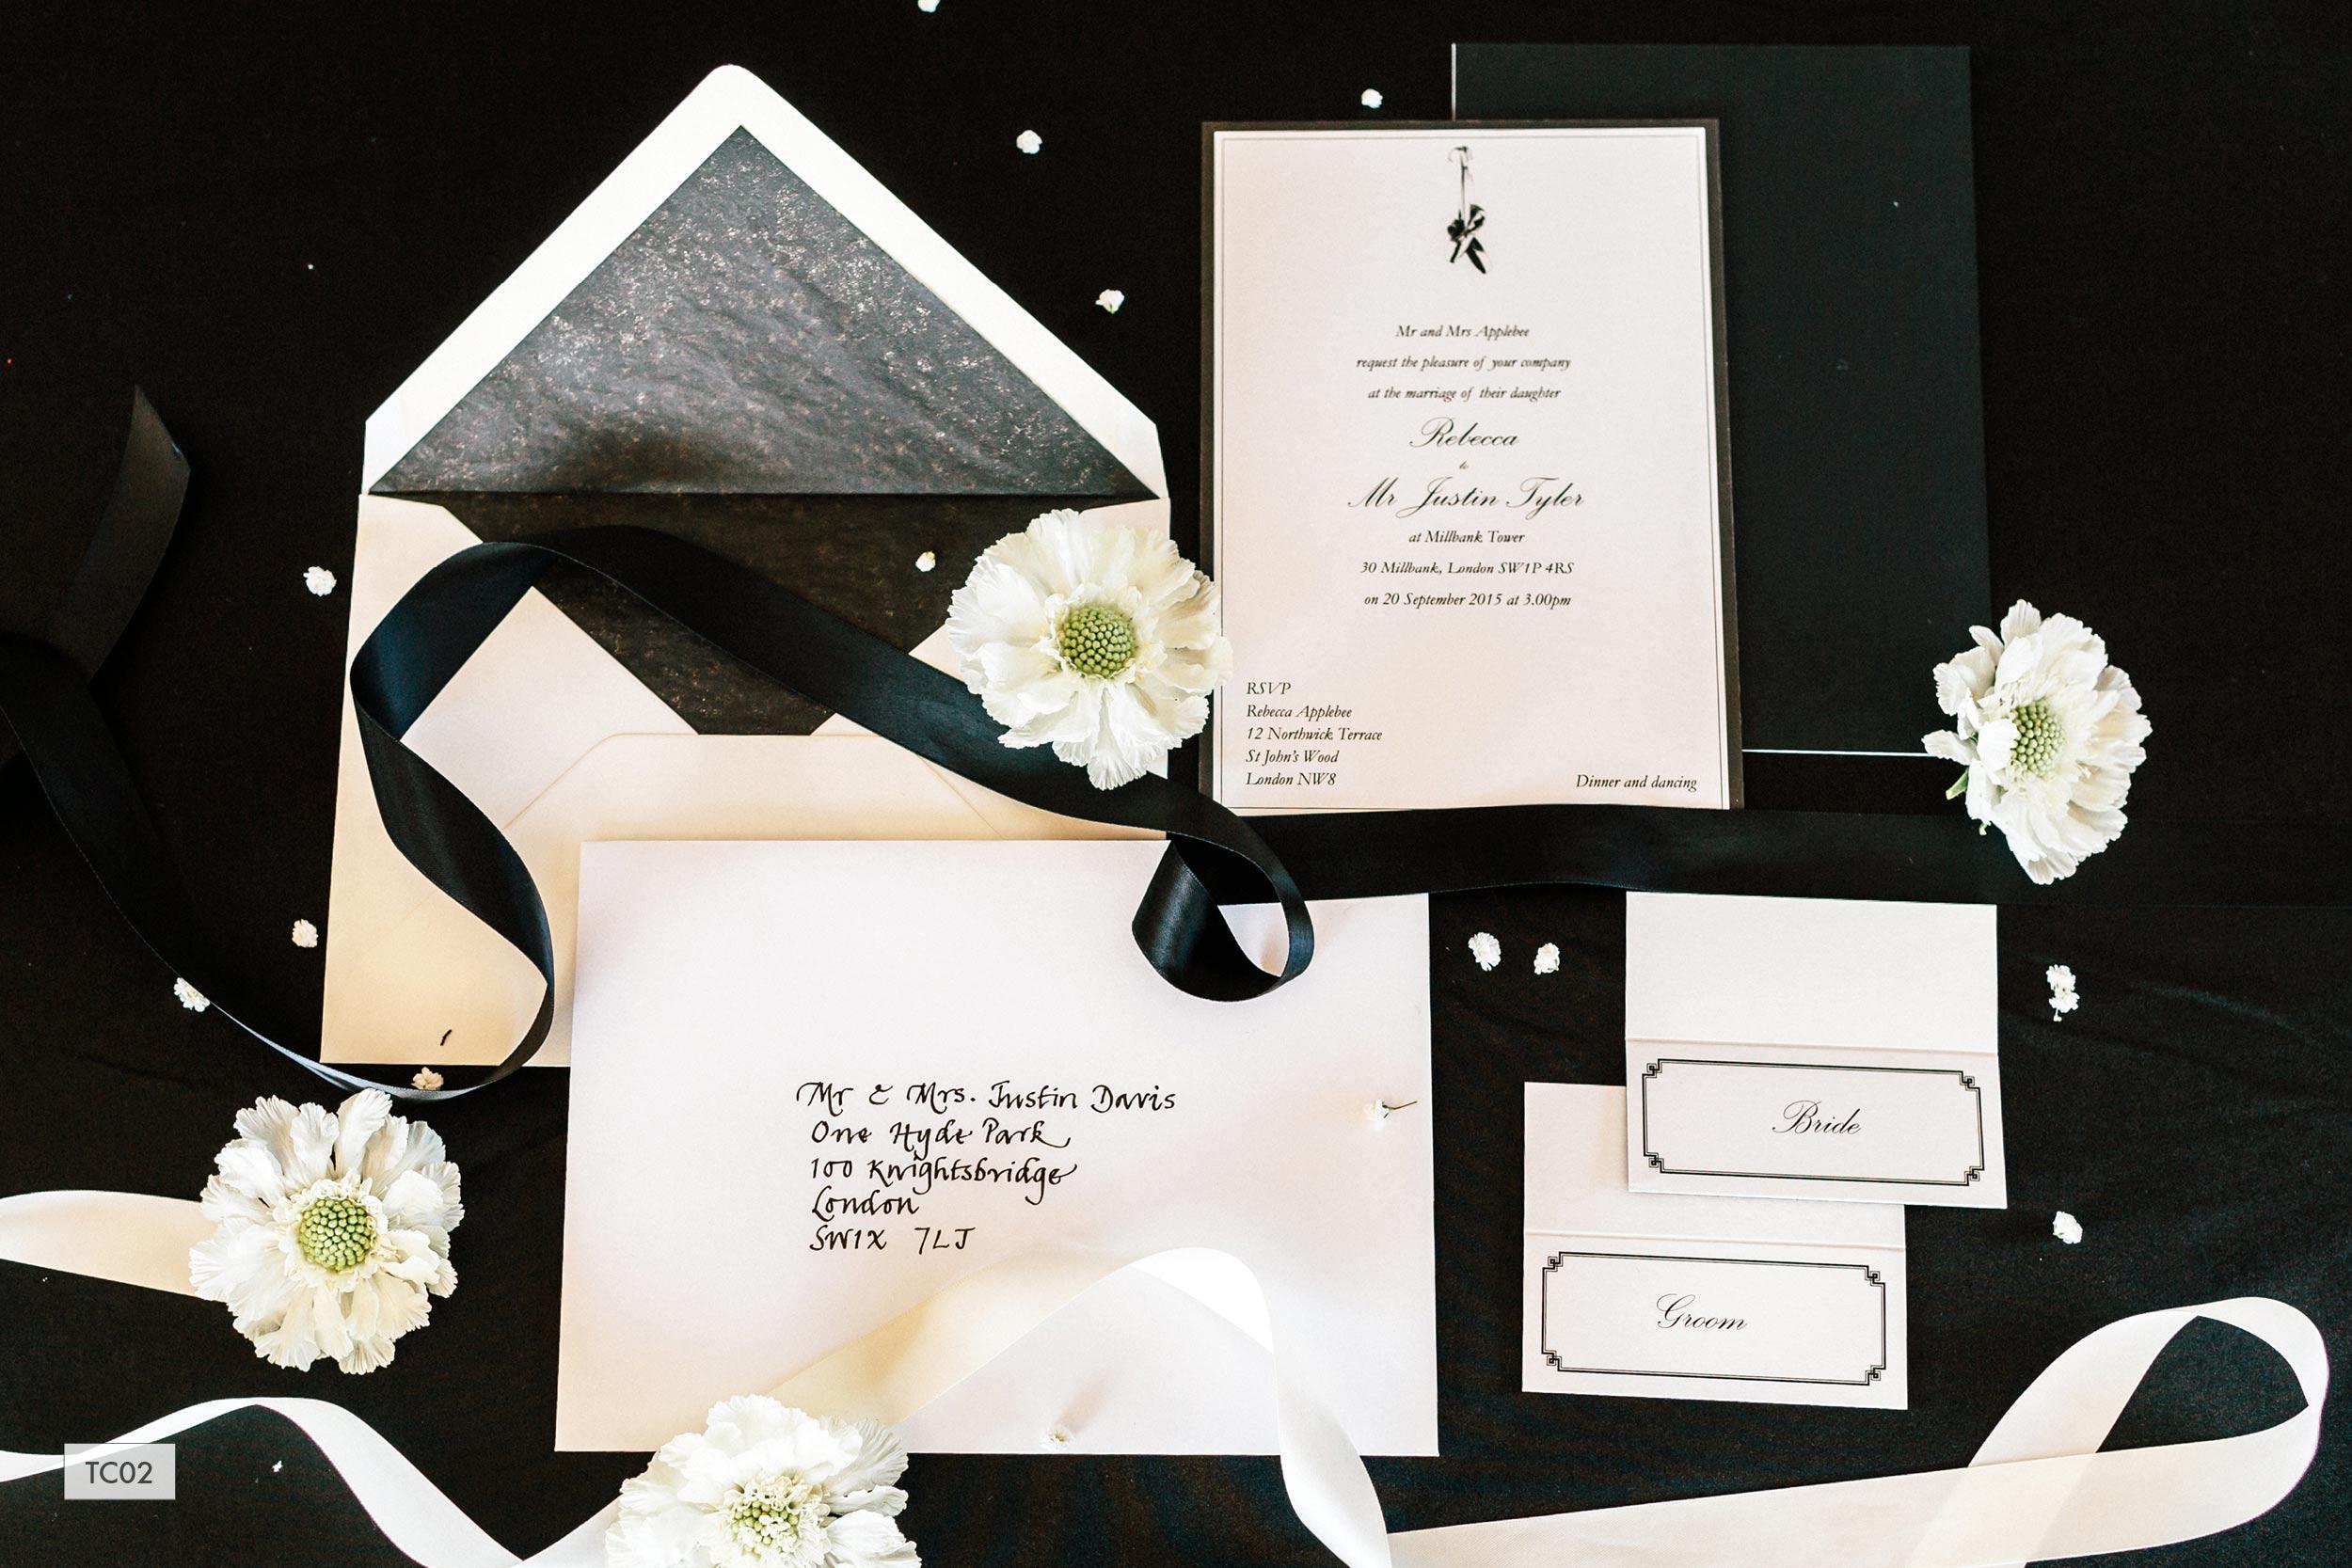 ananya-wedding-stationery-timeless-classics4.jpg